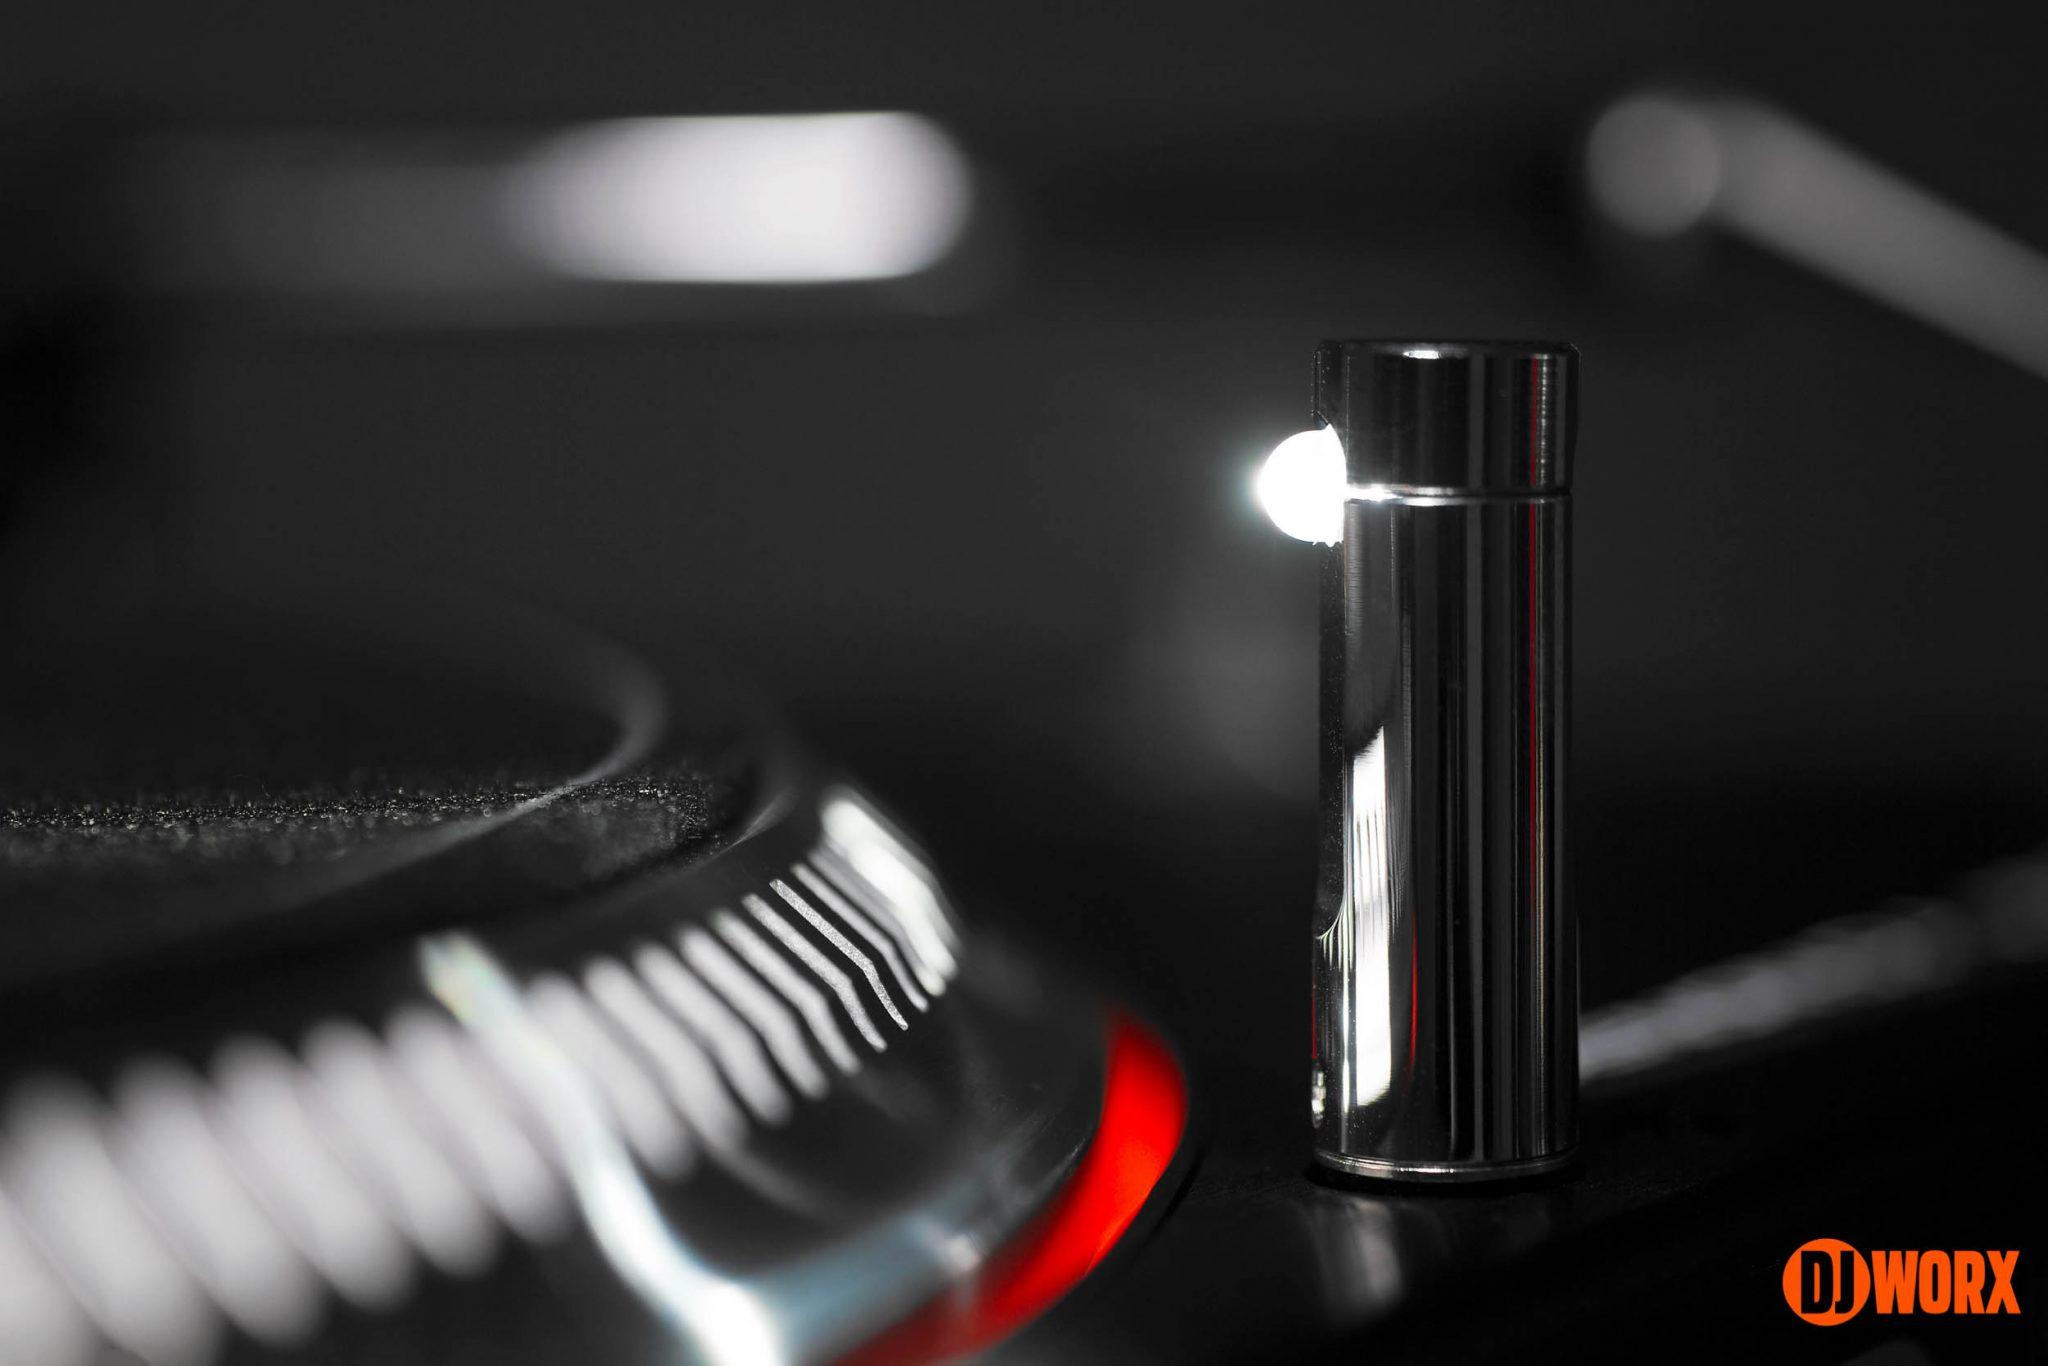 Denon DJ L12 Prime turntable review DJWORX (15)